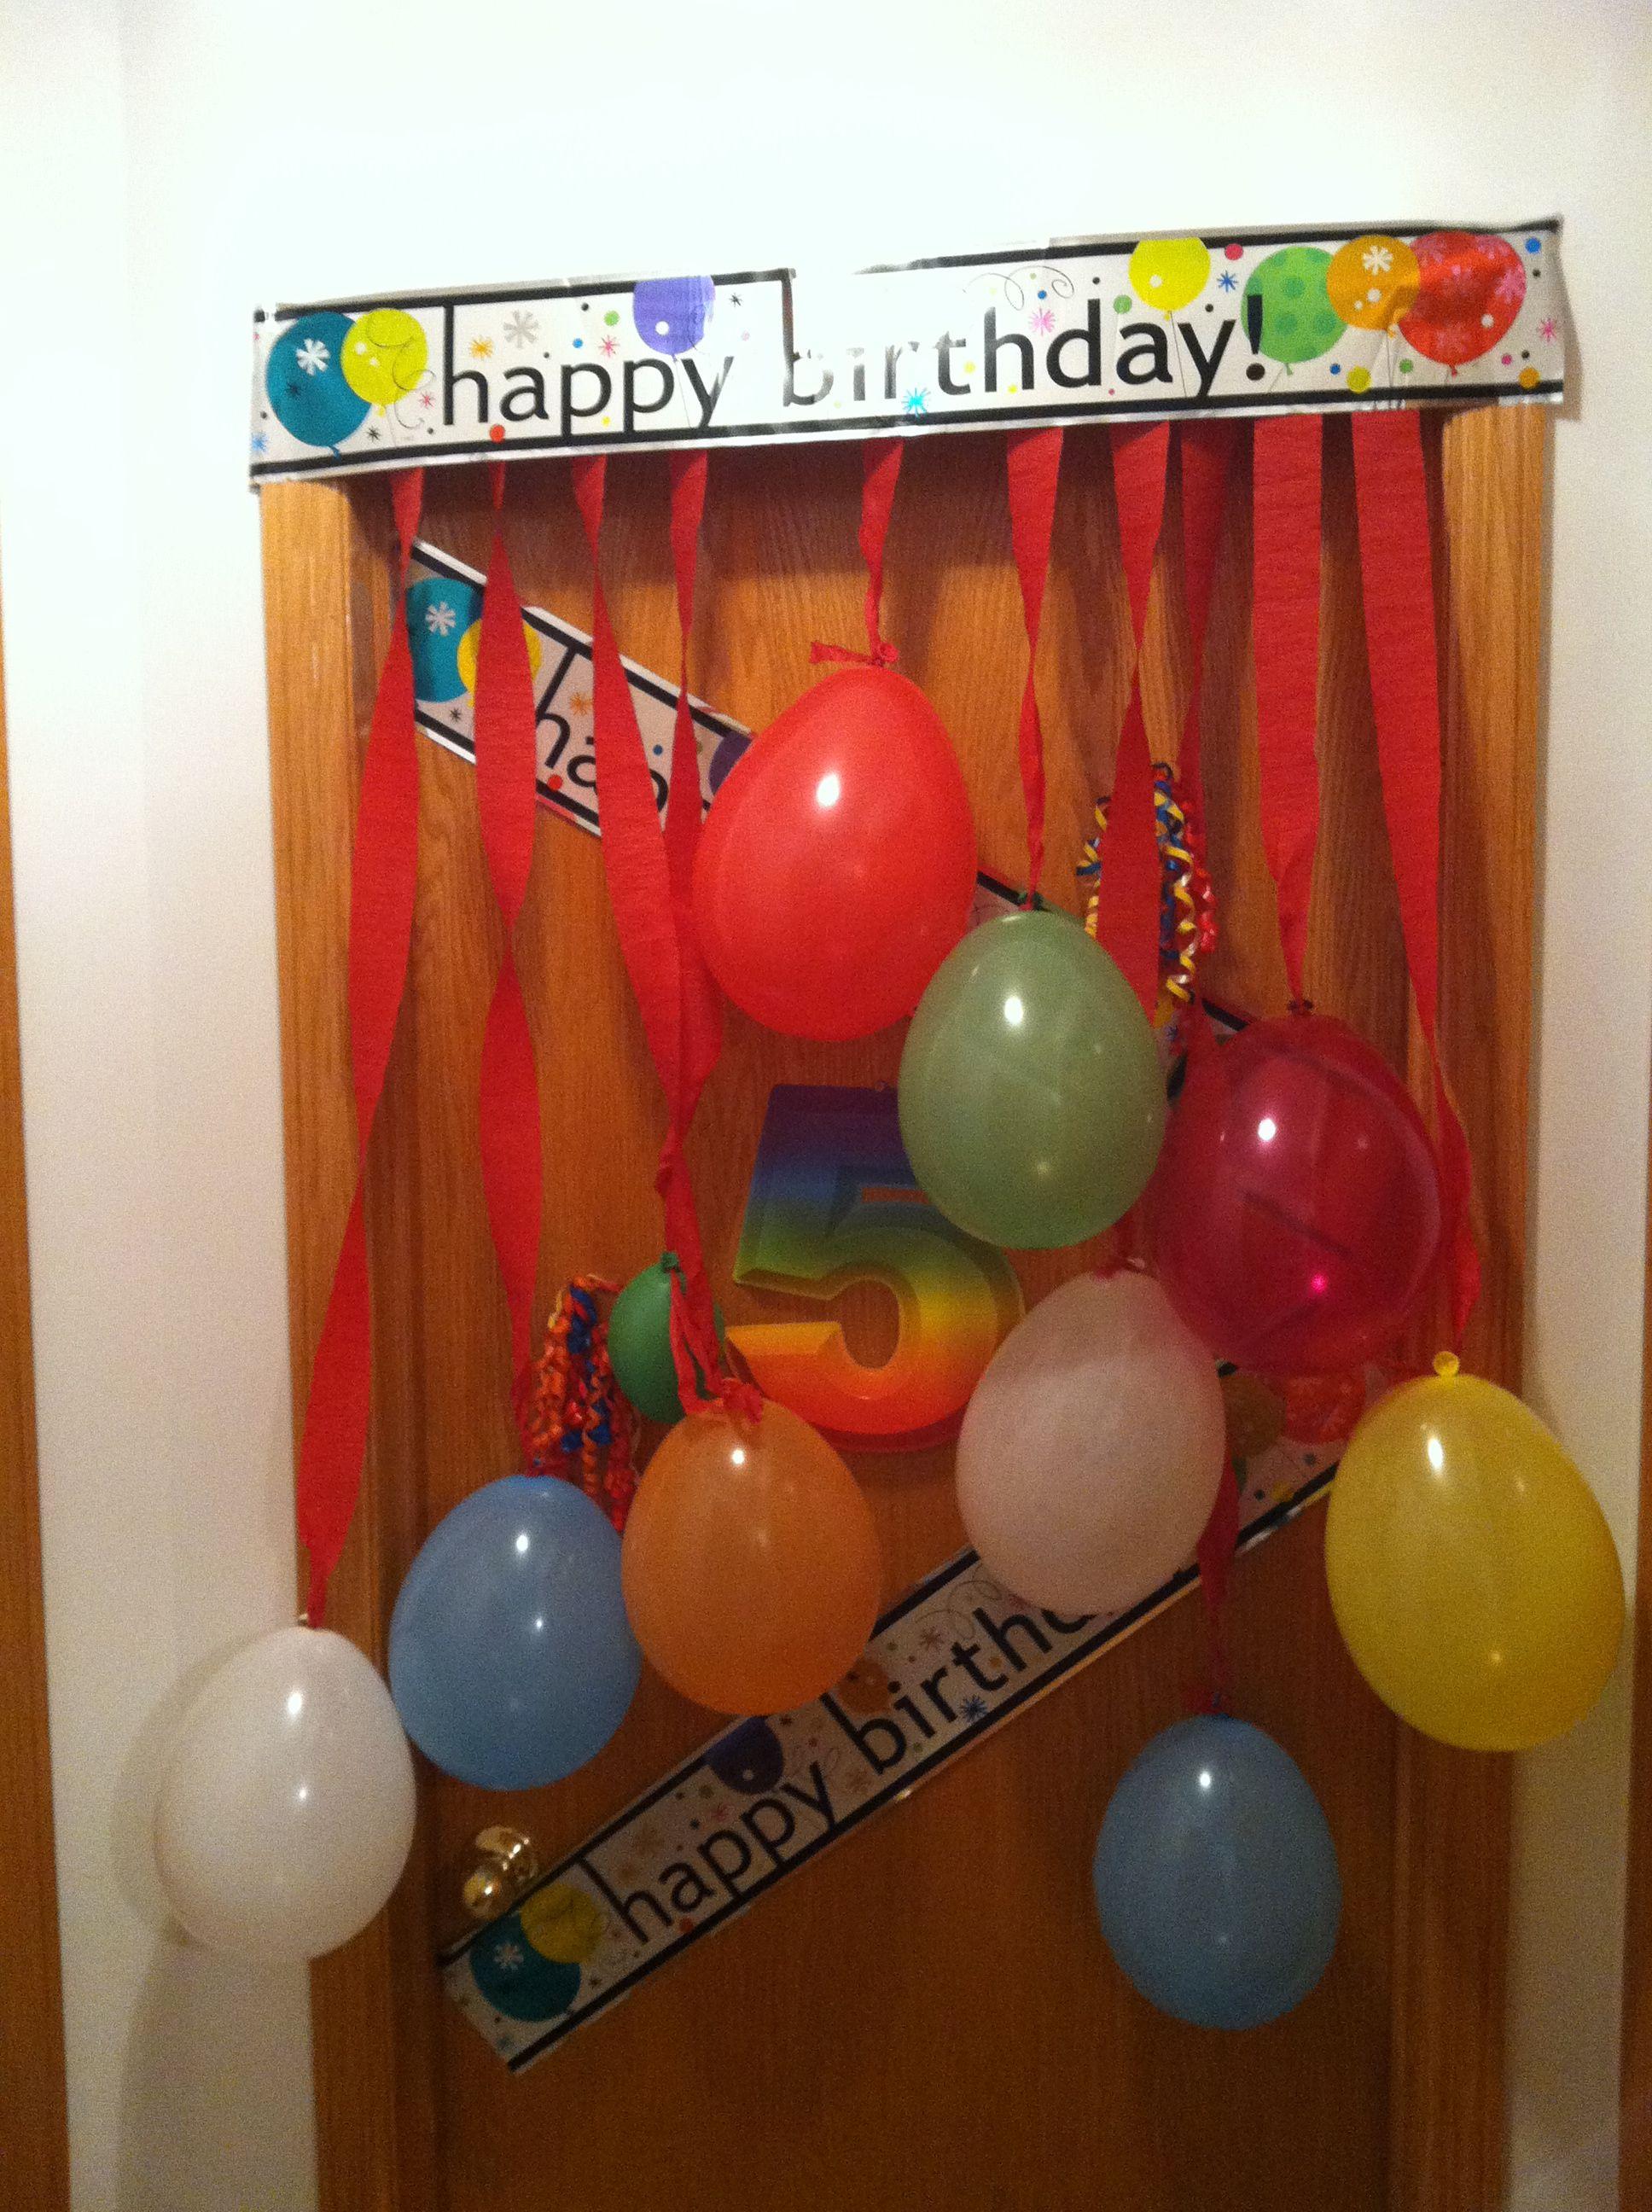 Birthday Bedroom Door Surprise Birthday Decorations Kids Diy Birthday Gifts Birthday Decorations